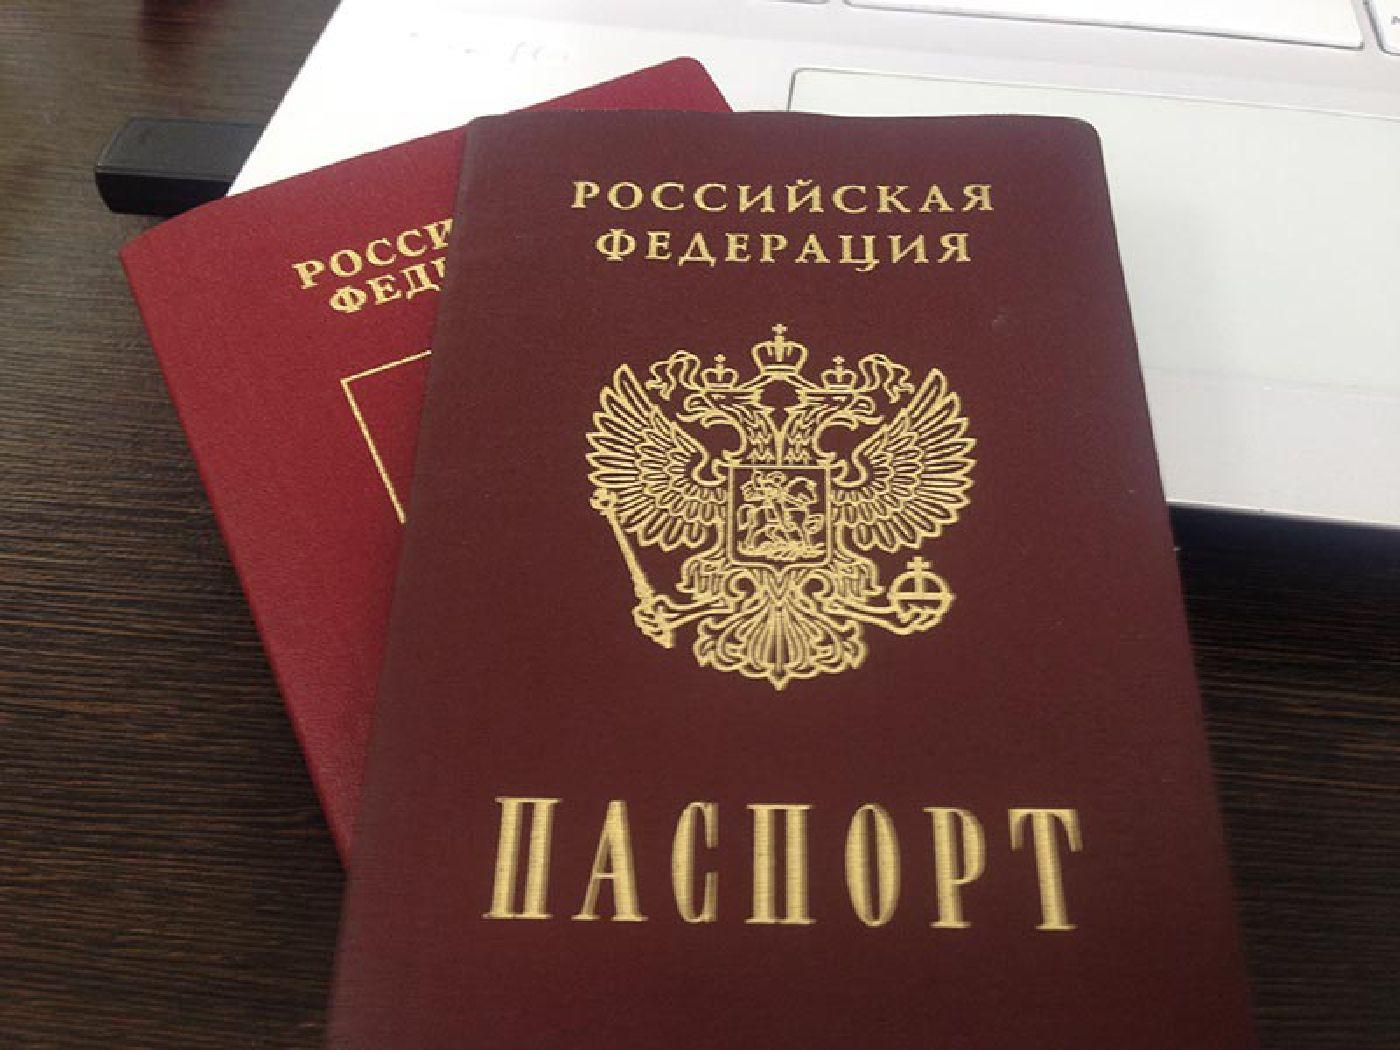 Путин подписал указ об упрощенной выдаче российских паспортов жителям ДНР и ЛНР